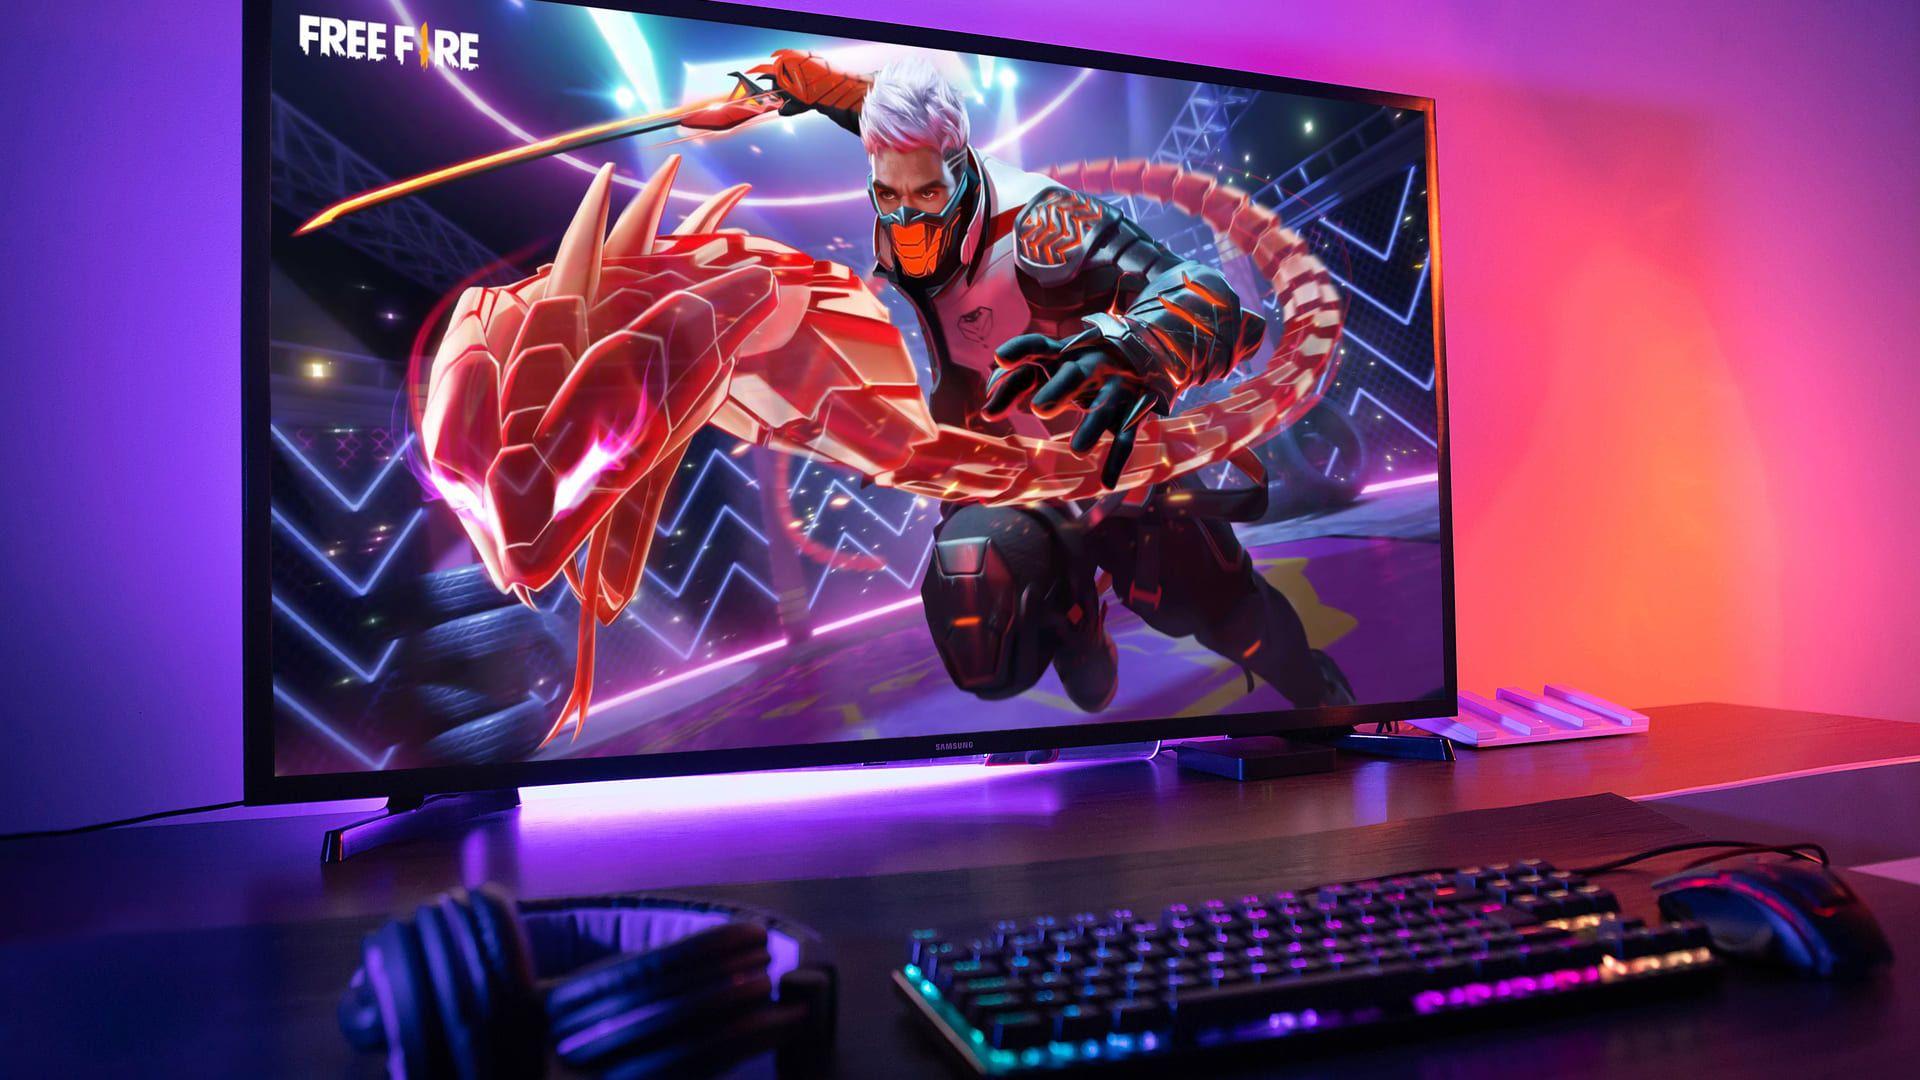 Mesa com computador montado e monitor exibindo o jogo Free Fire Max